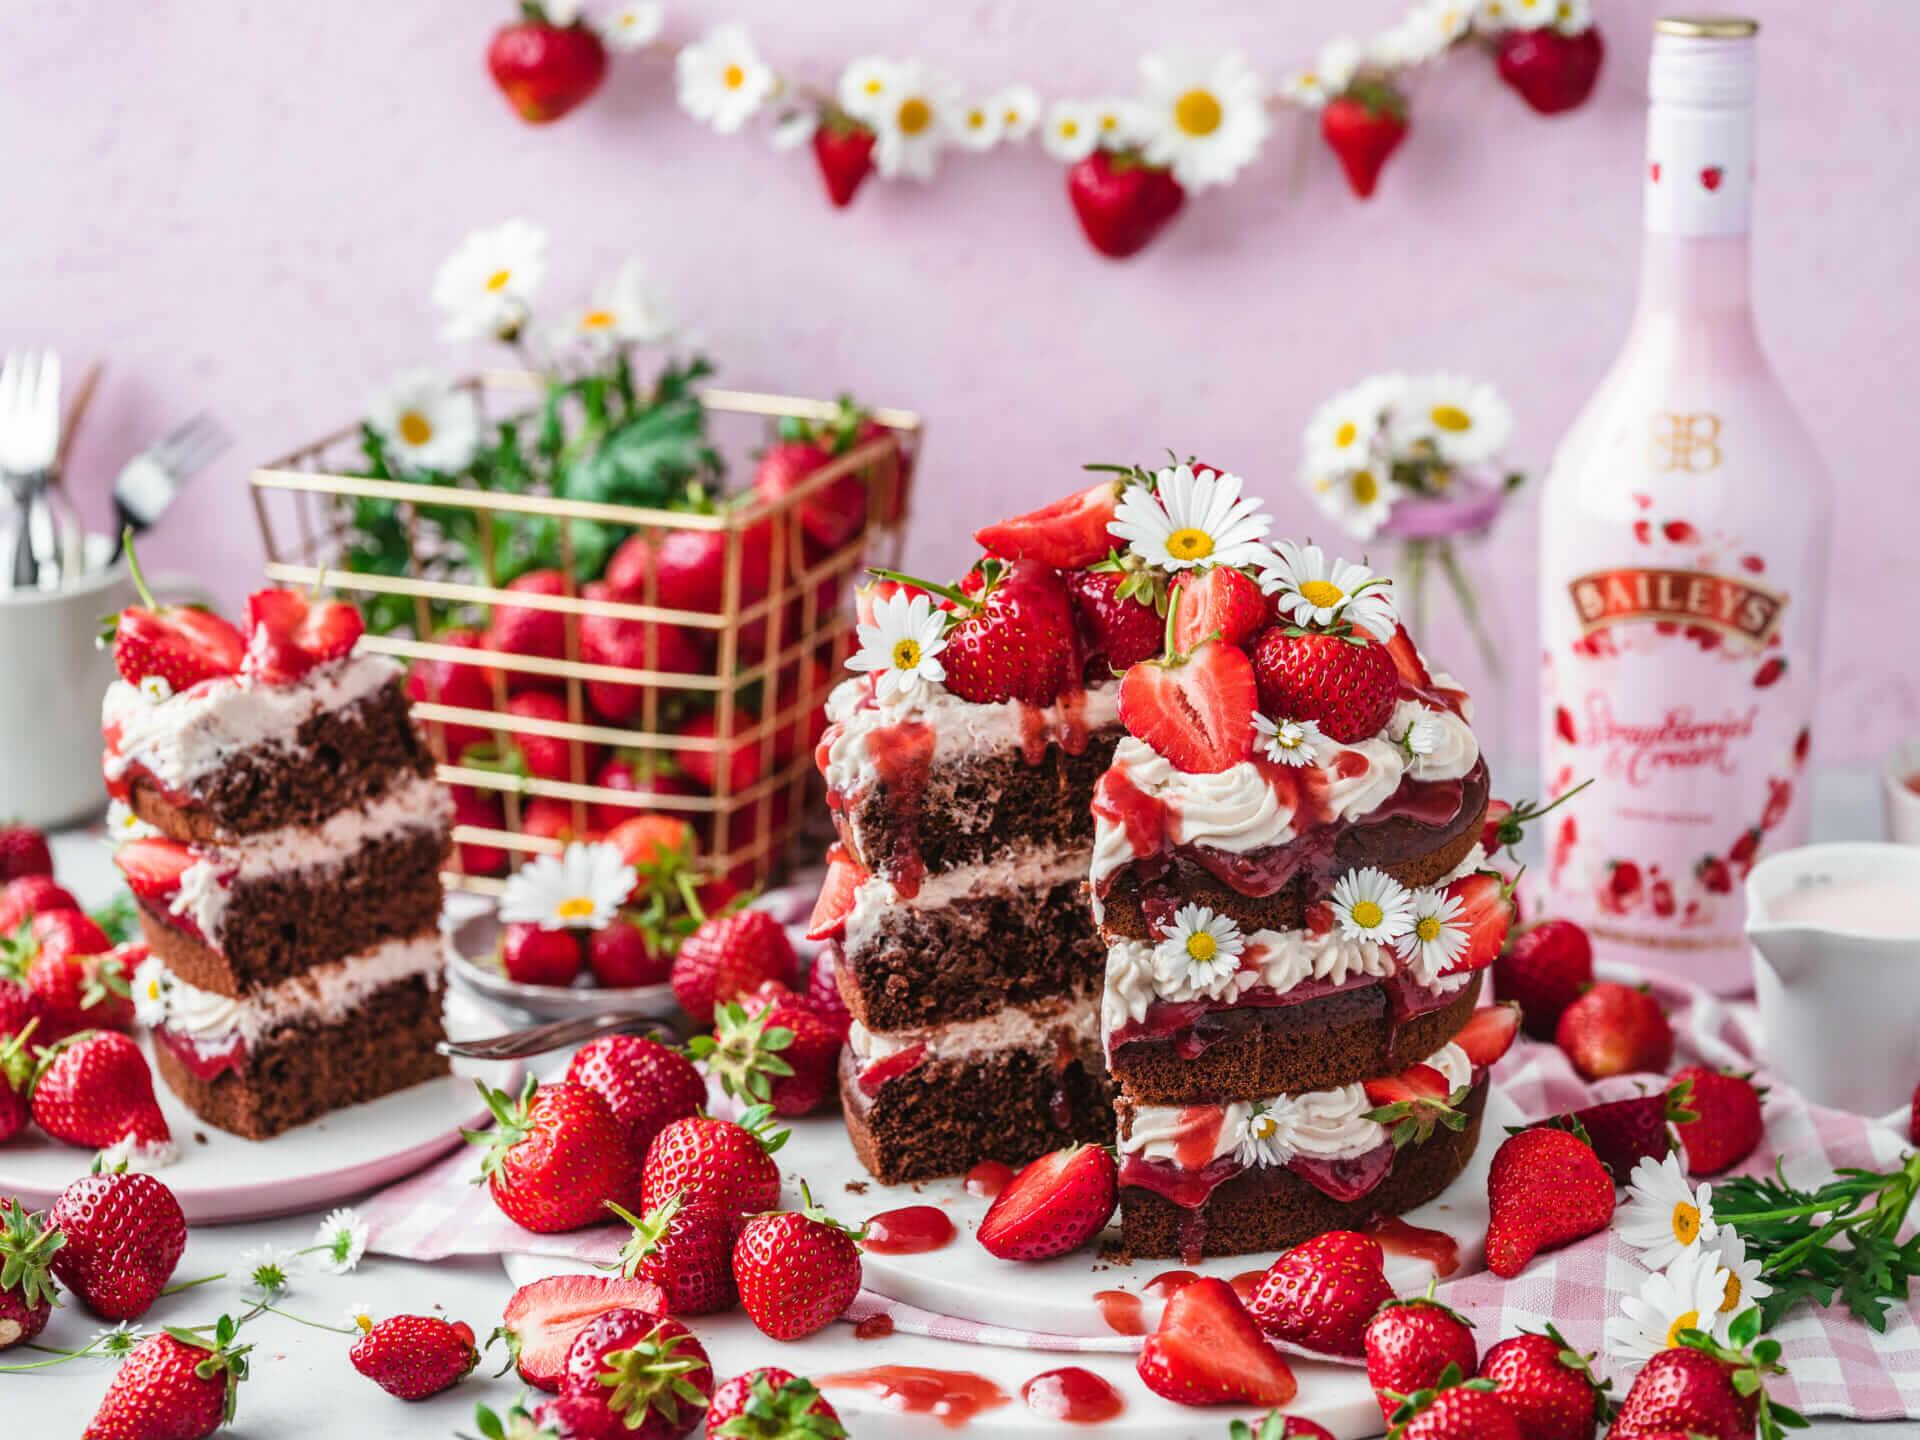 Dreistöckige Schokoladentorte dekoriert mit Erdbeeren und einer Flasche Baileys im Hintergrund